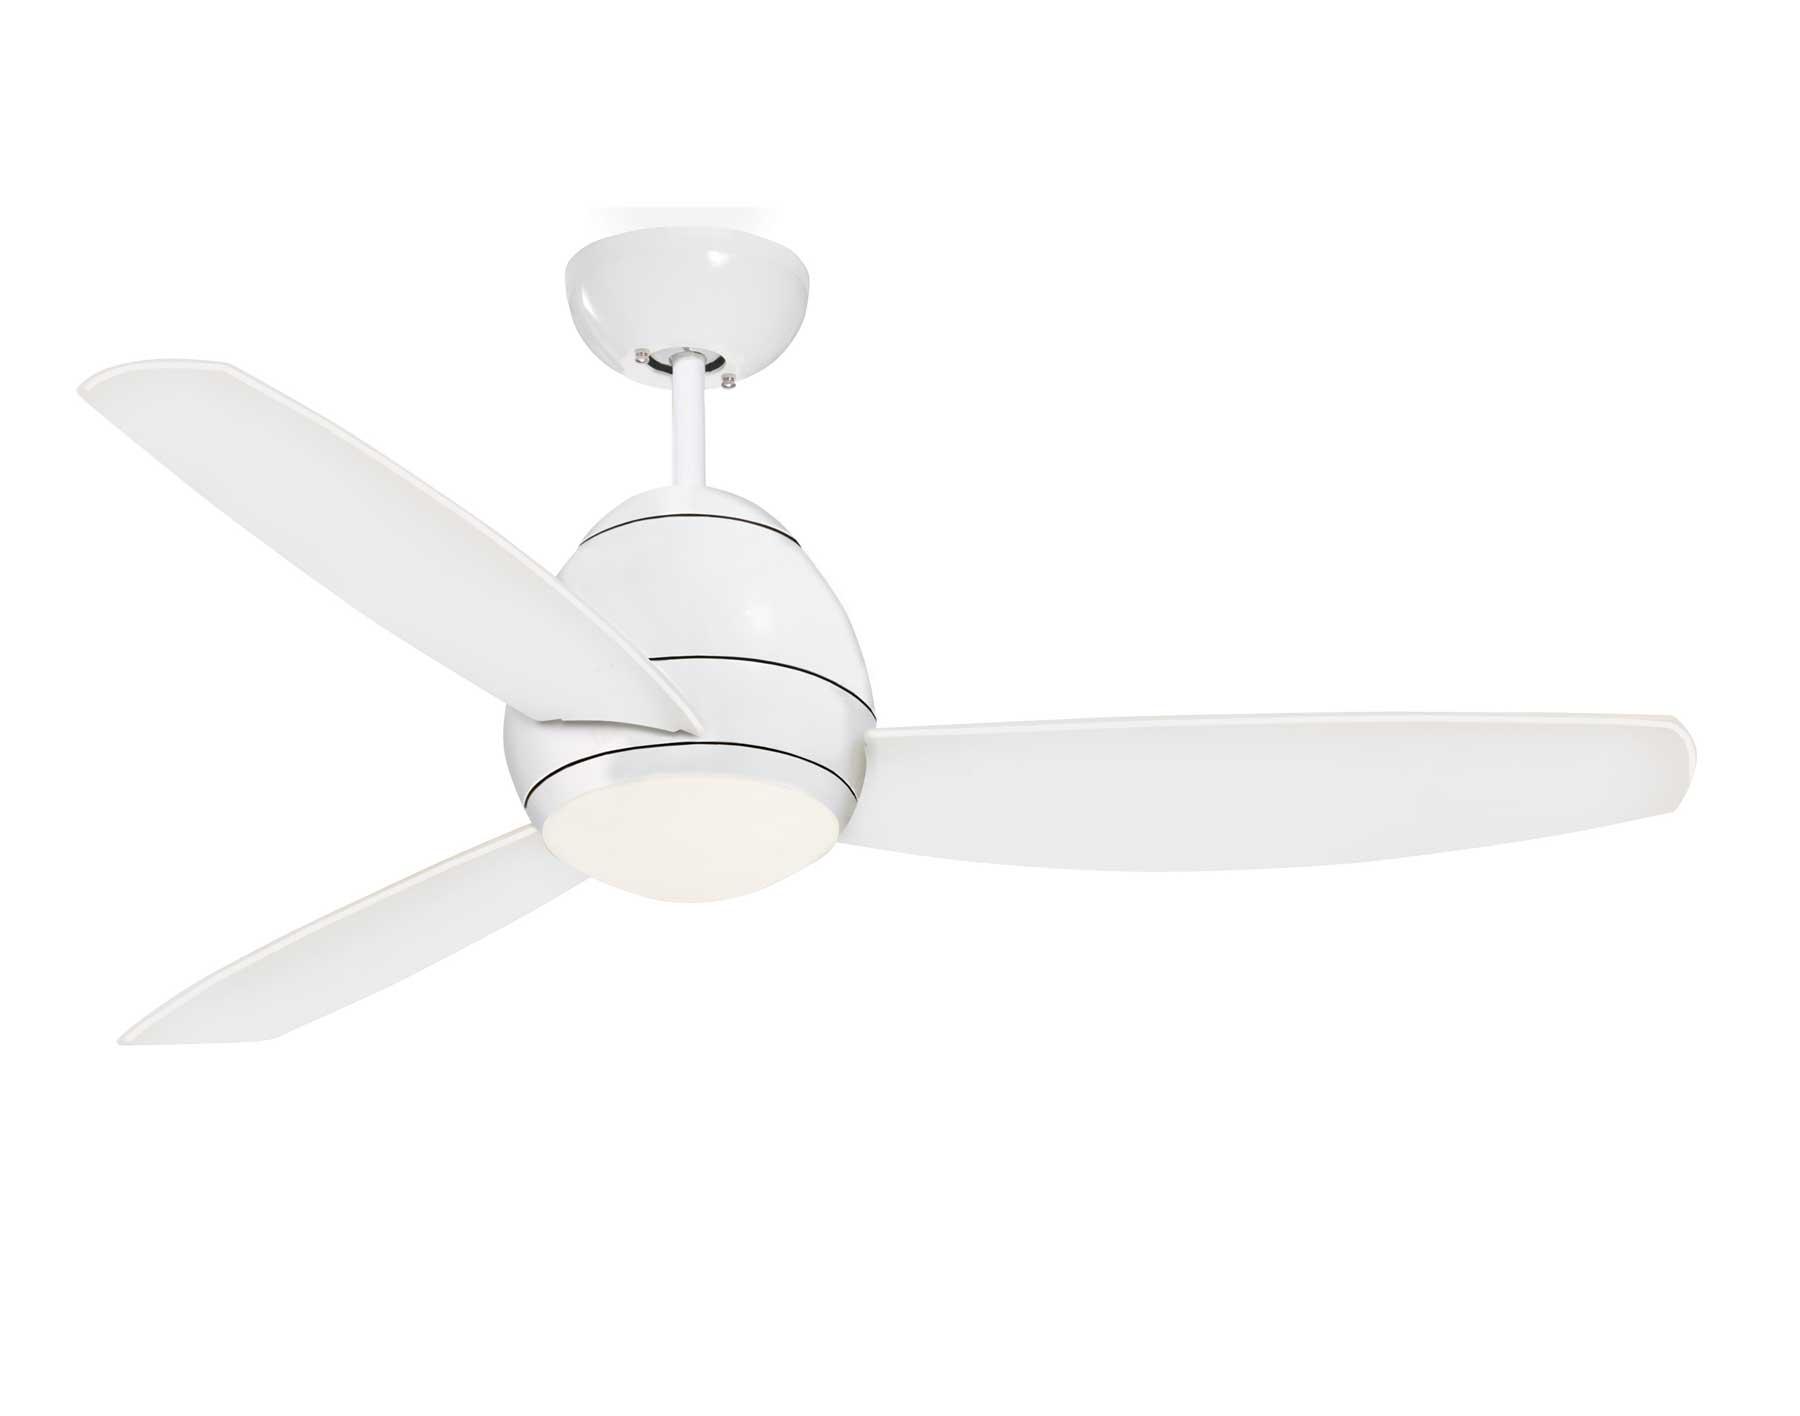 Appliance White Avruc Outdoor Ceiling Fan W Light